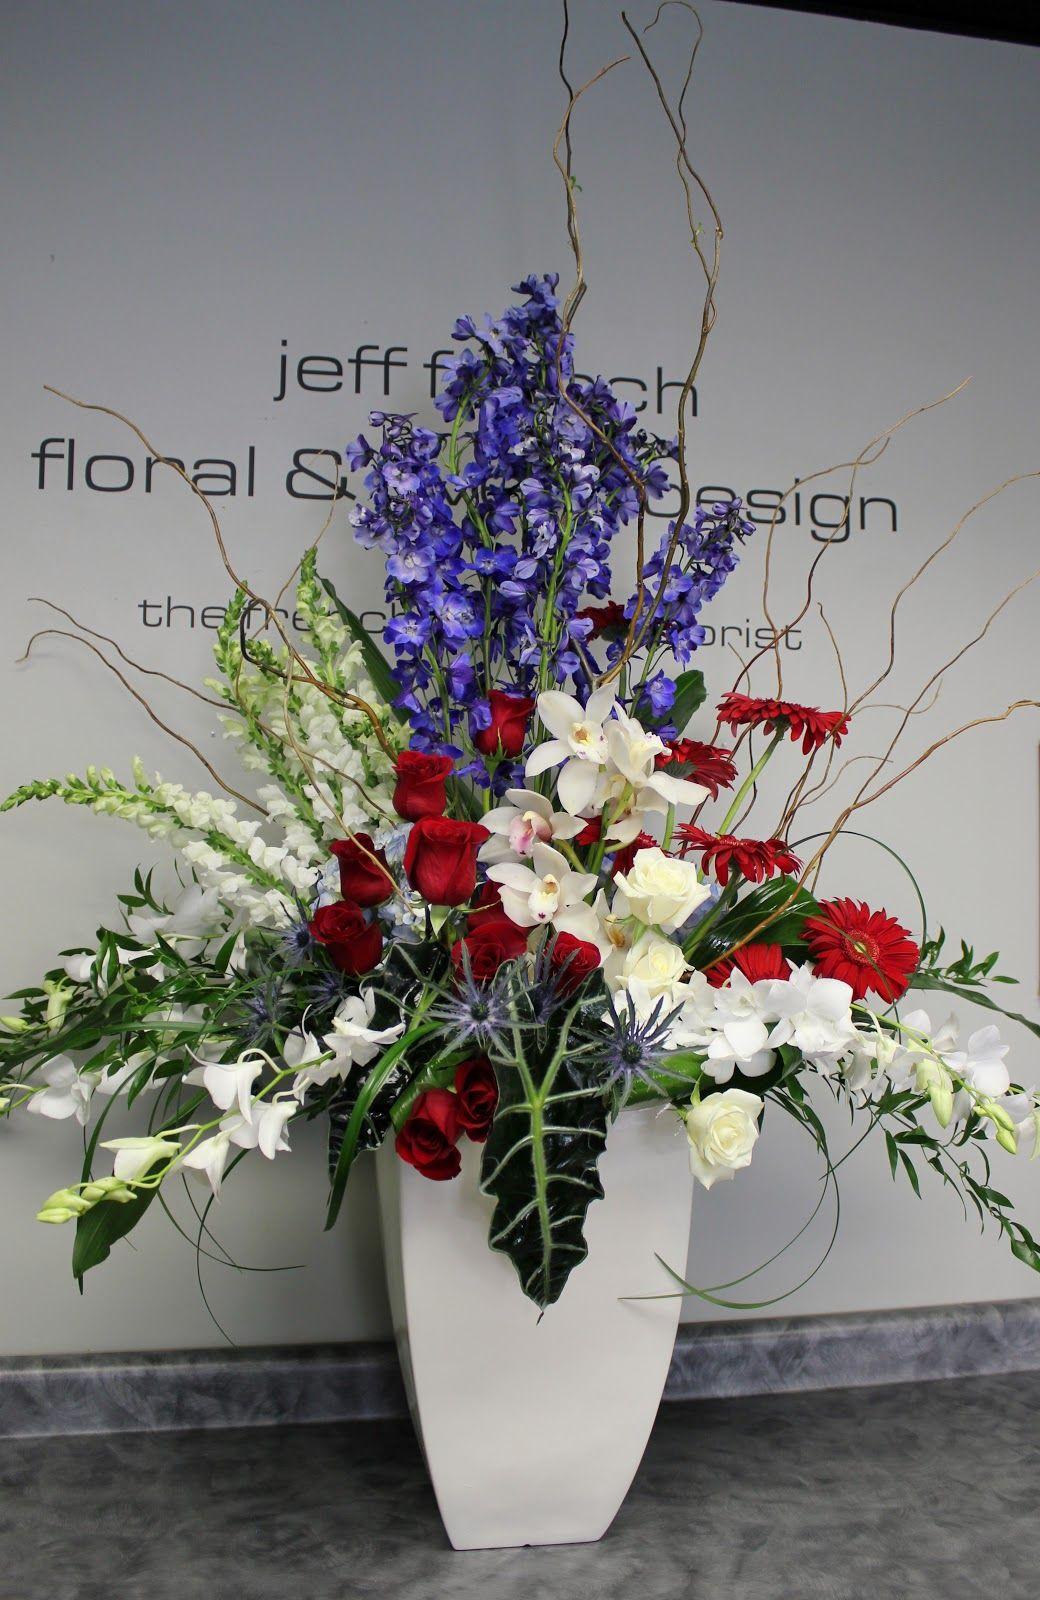 059g 10401600 pola baju kurung phg pinterest baju kurung funeral arrangement by jeff french floral and event design izmirmasajfo Choice Image